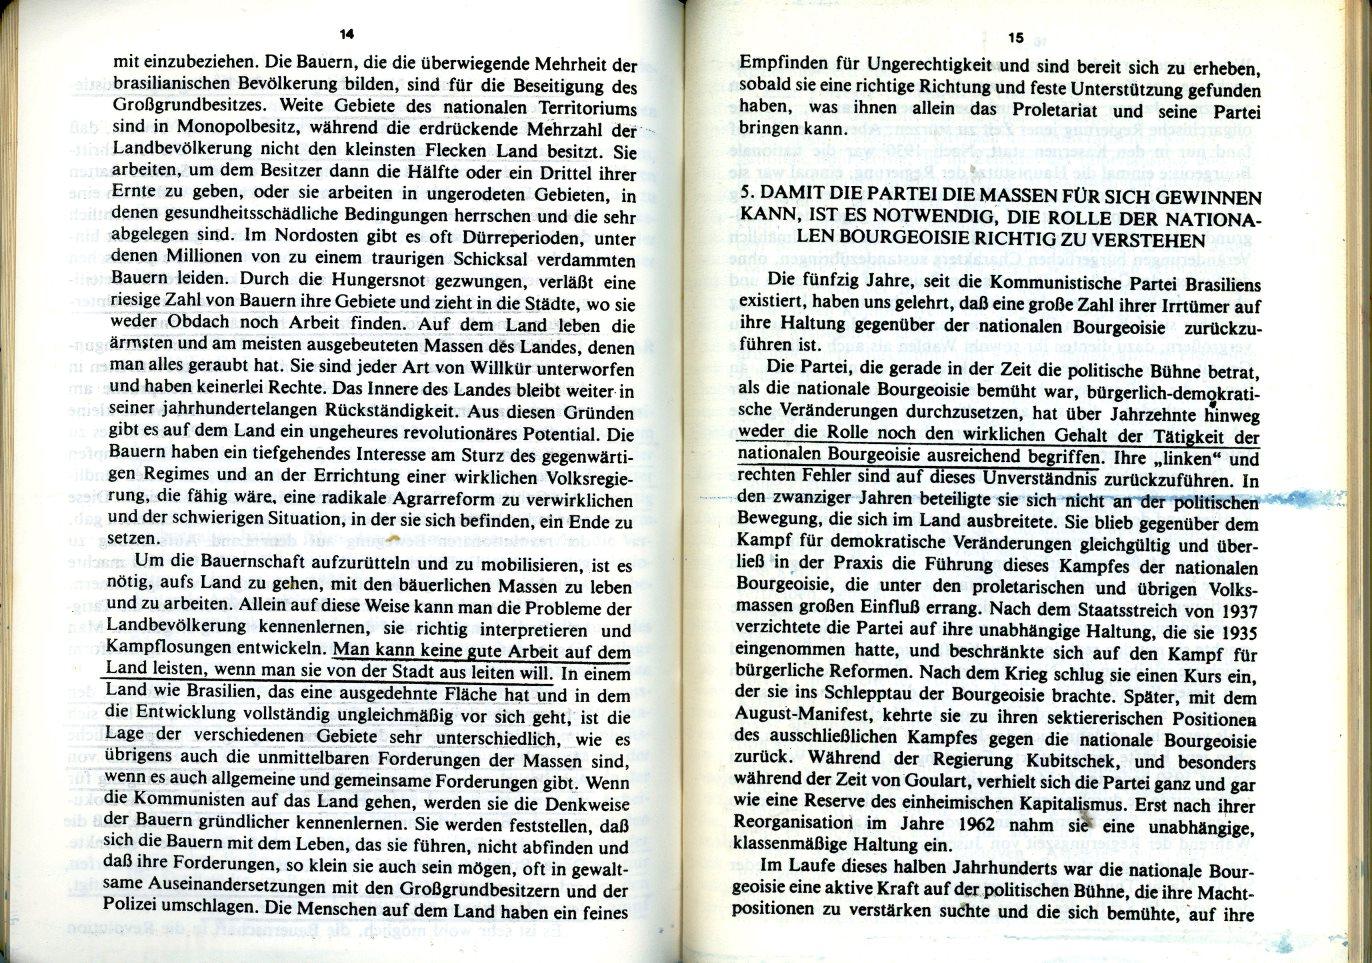 MLSK_Theorie_und_Praxis_des_ML_1978_20_16